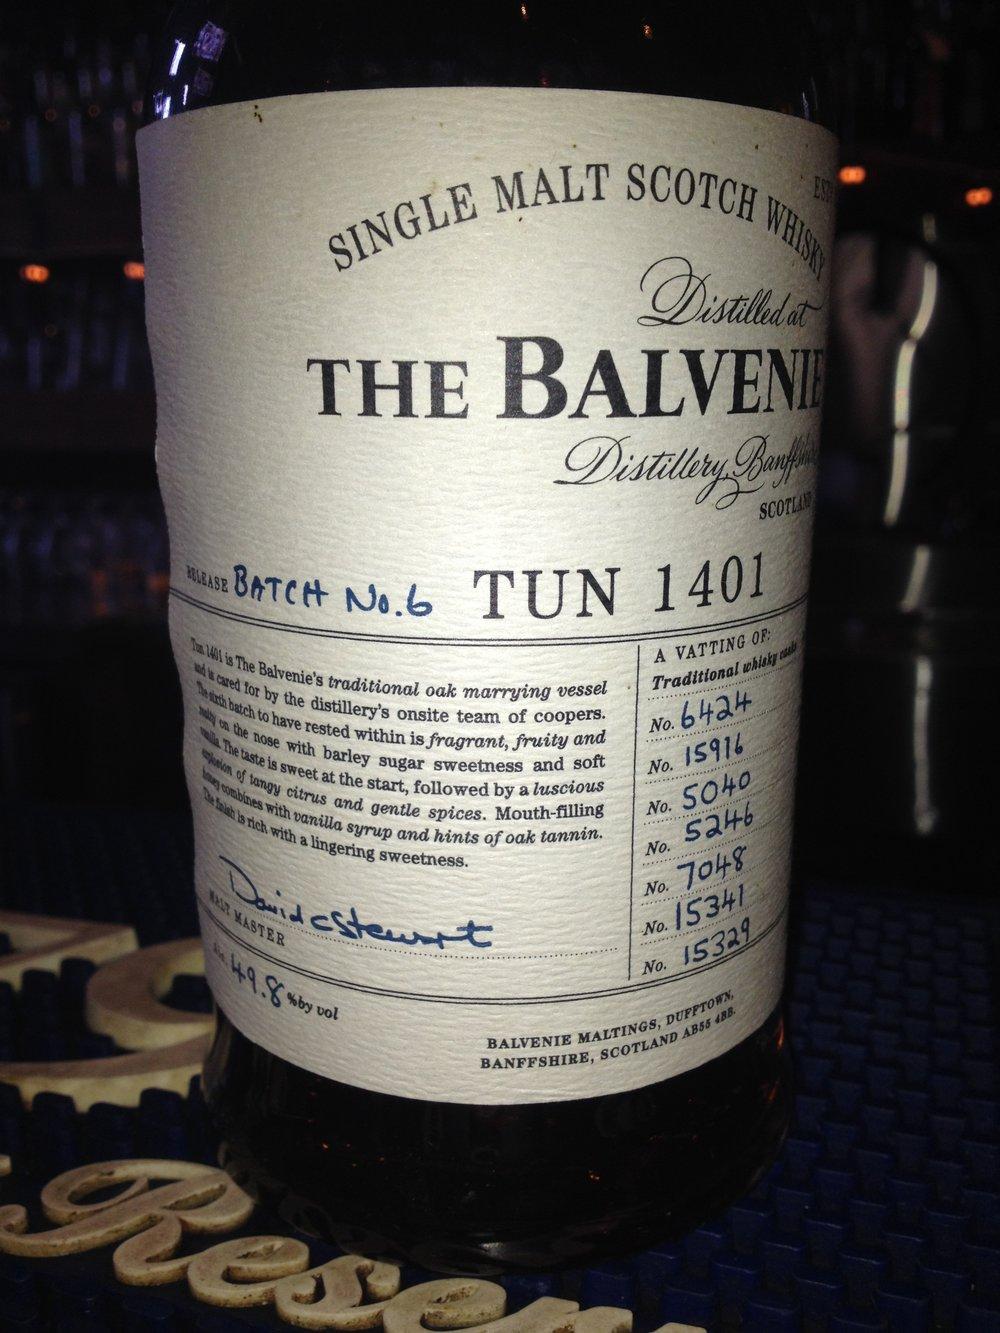 NAS | 49.8% ABV - Distillery | Balvenie